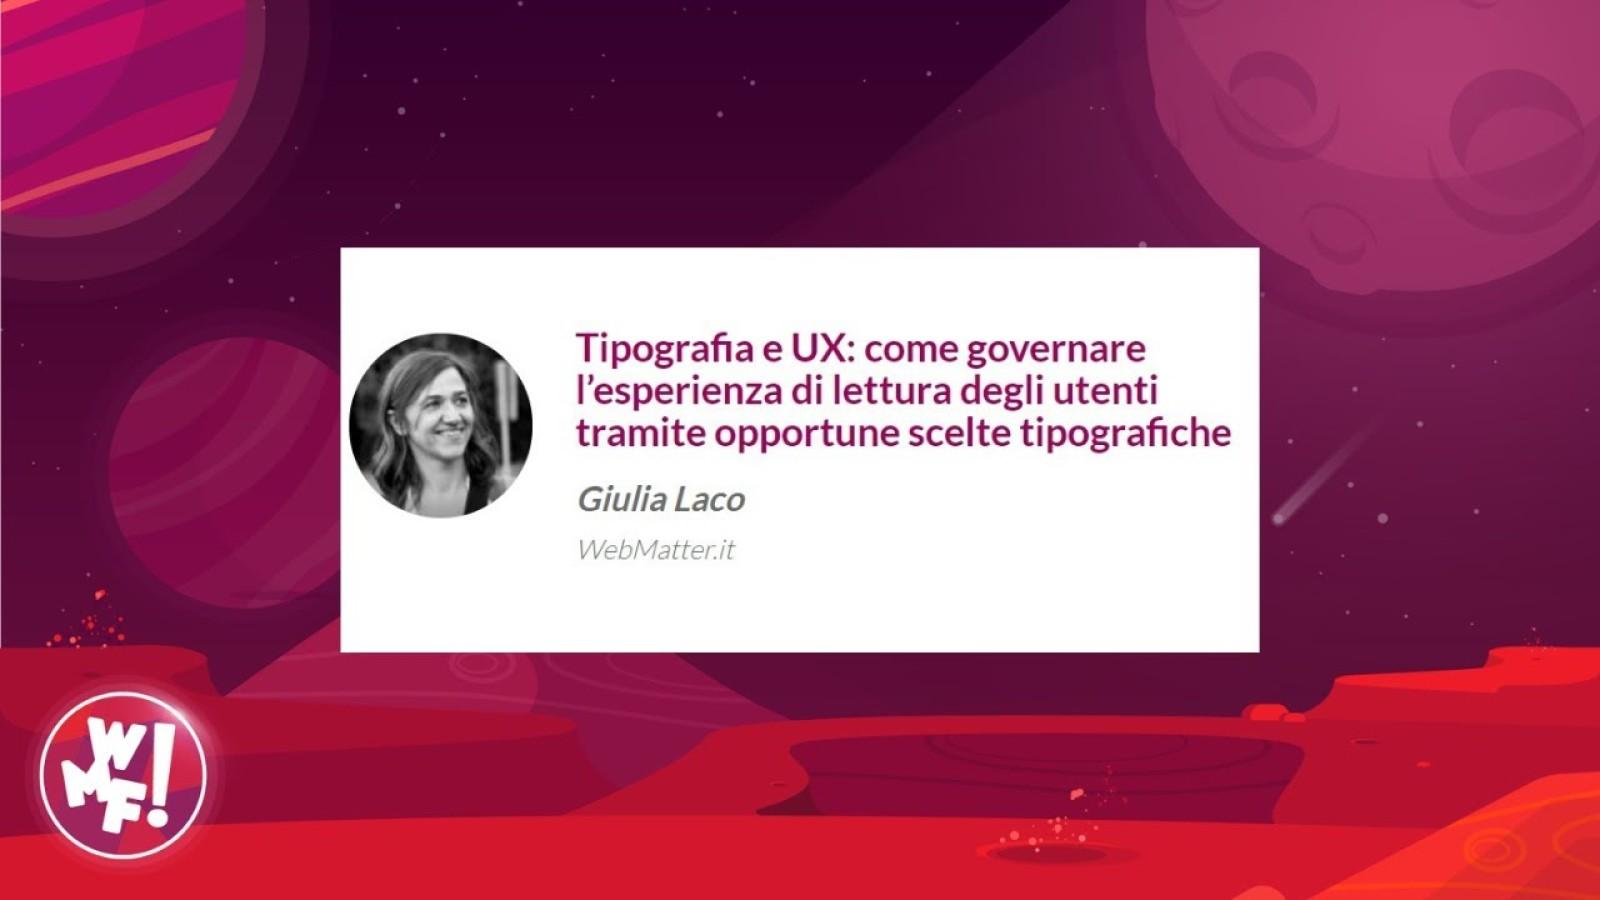 Tipografia e UX: come governare l'esperienza di lettura degli utenti tramite opportune scelte tipografiche